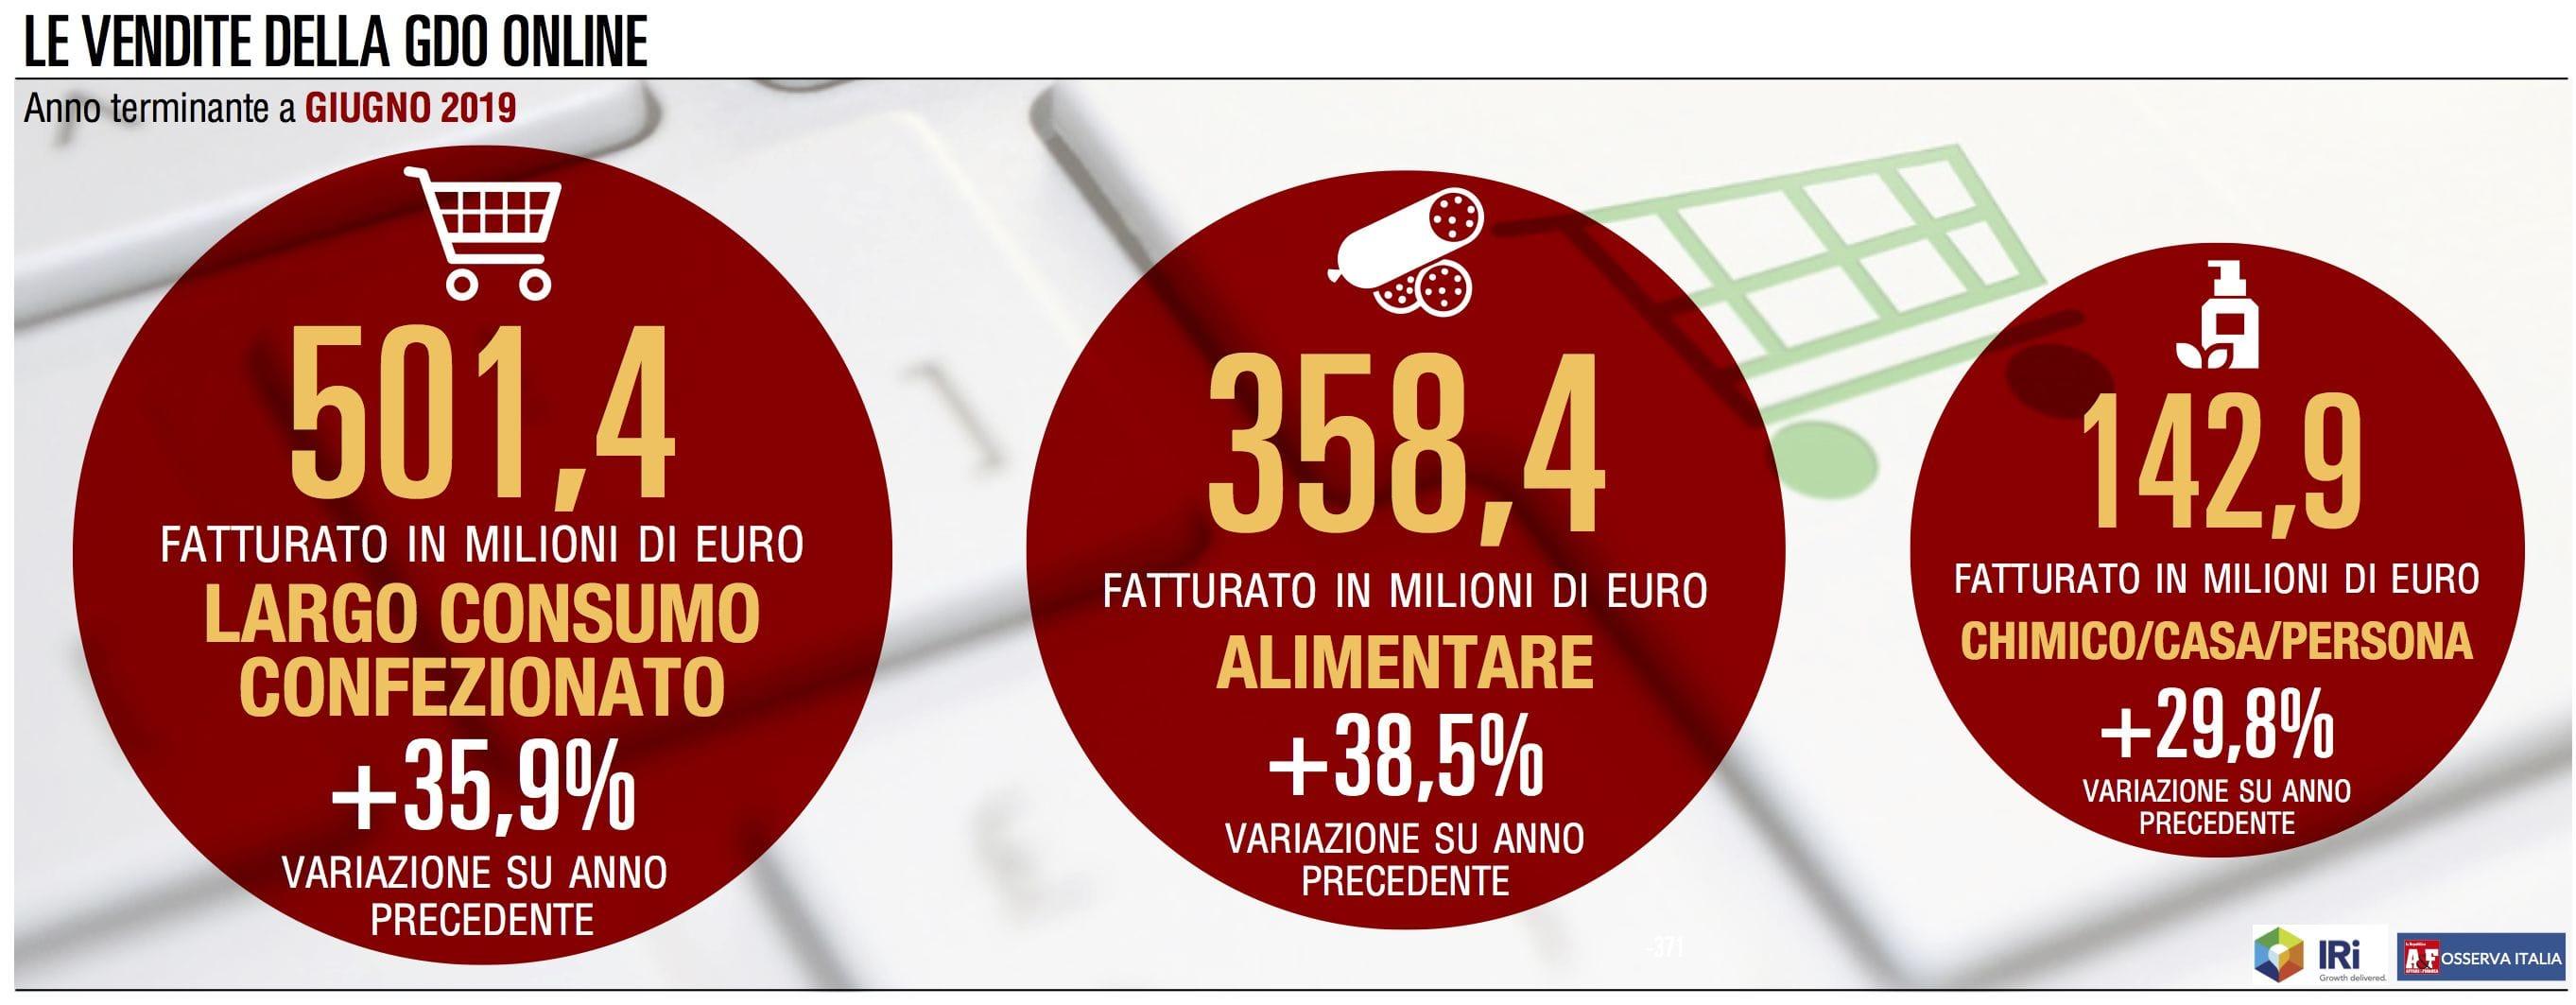 Le vendite online della Gdo superano il mezzo miliardo di euro